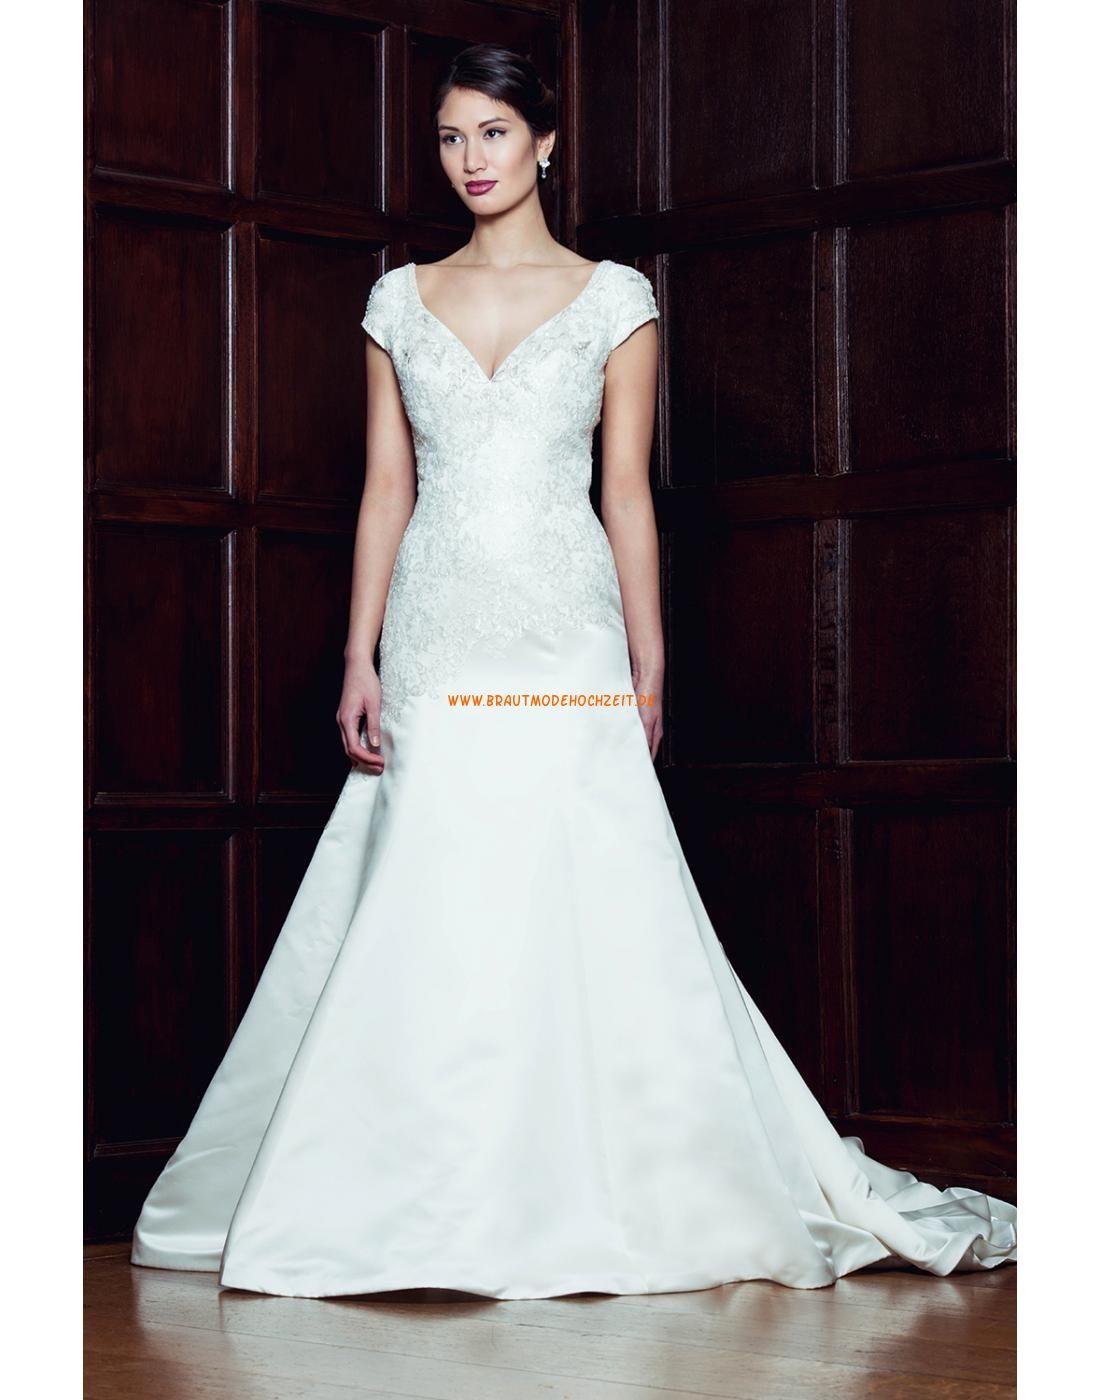 Atemberaubend Unkonventionelle Schicke Hochzeitskleid Ideen ...